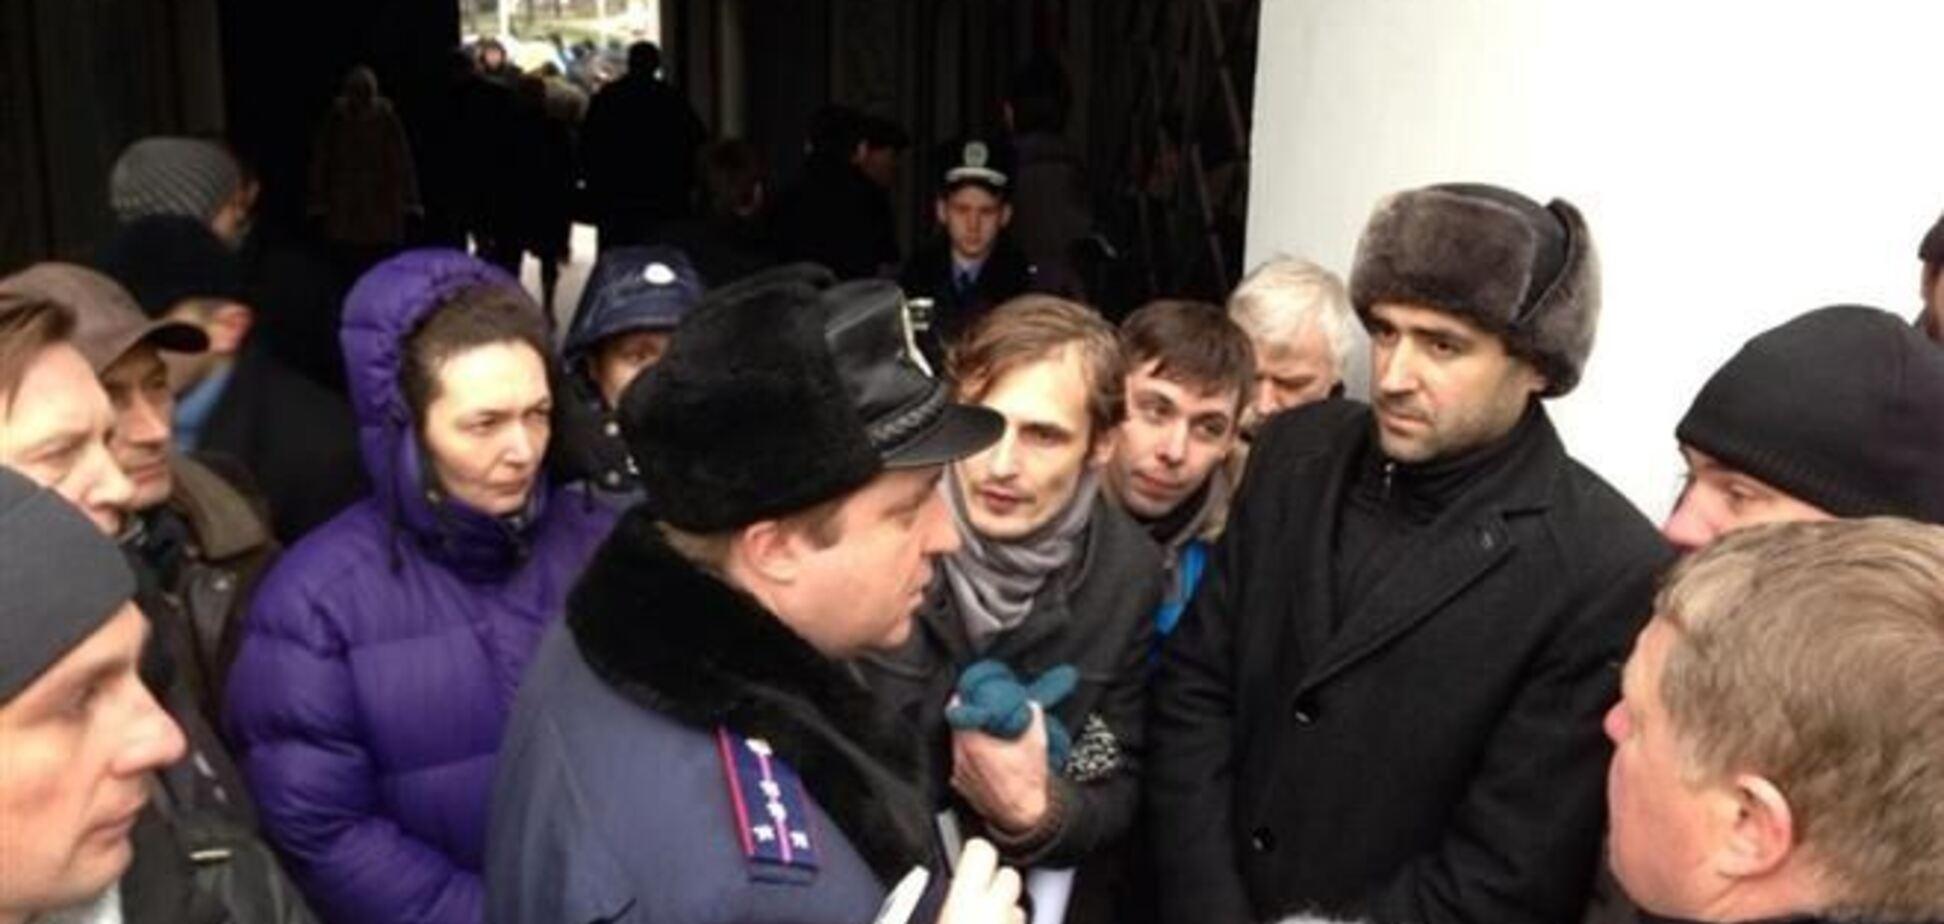 В Facebook появилась группа для  оказания правовой помощи пострадавшим на Евромайдане